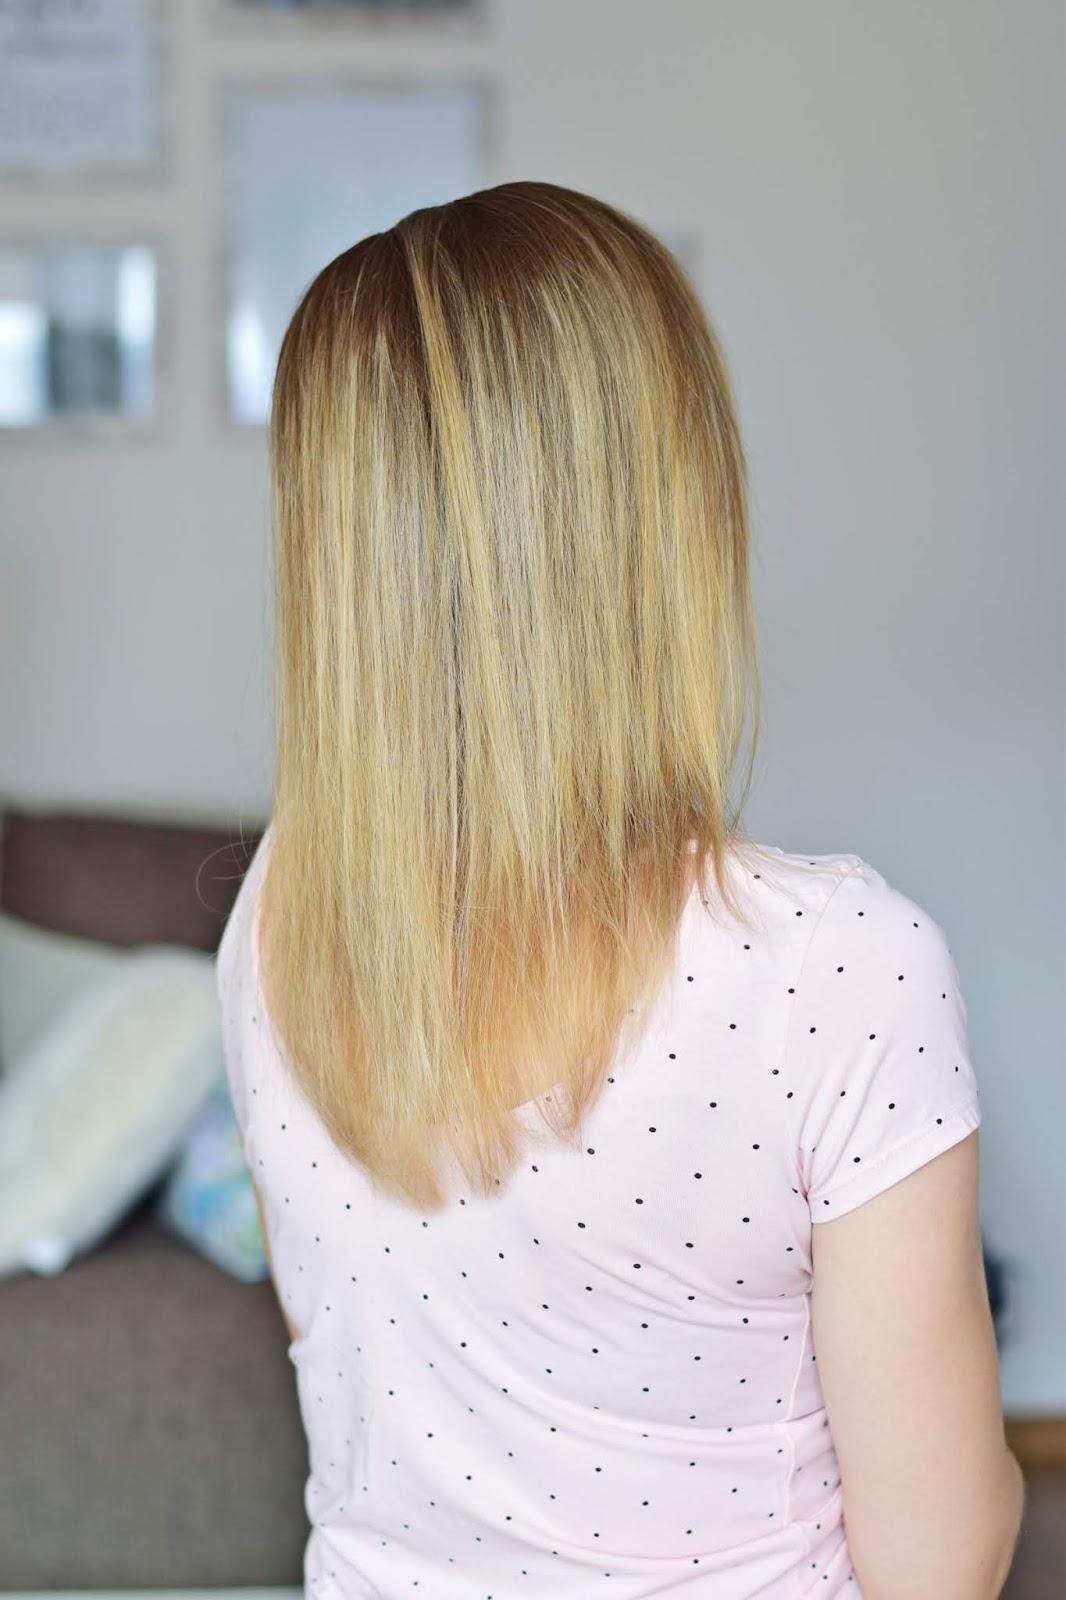 niedziela_dla_włosów_olaplex_efekty_salonplex_proteiny_włosy_blog